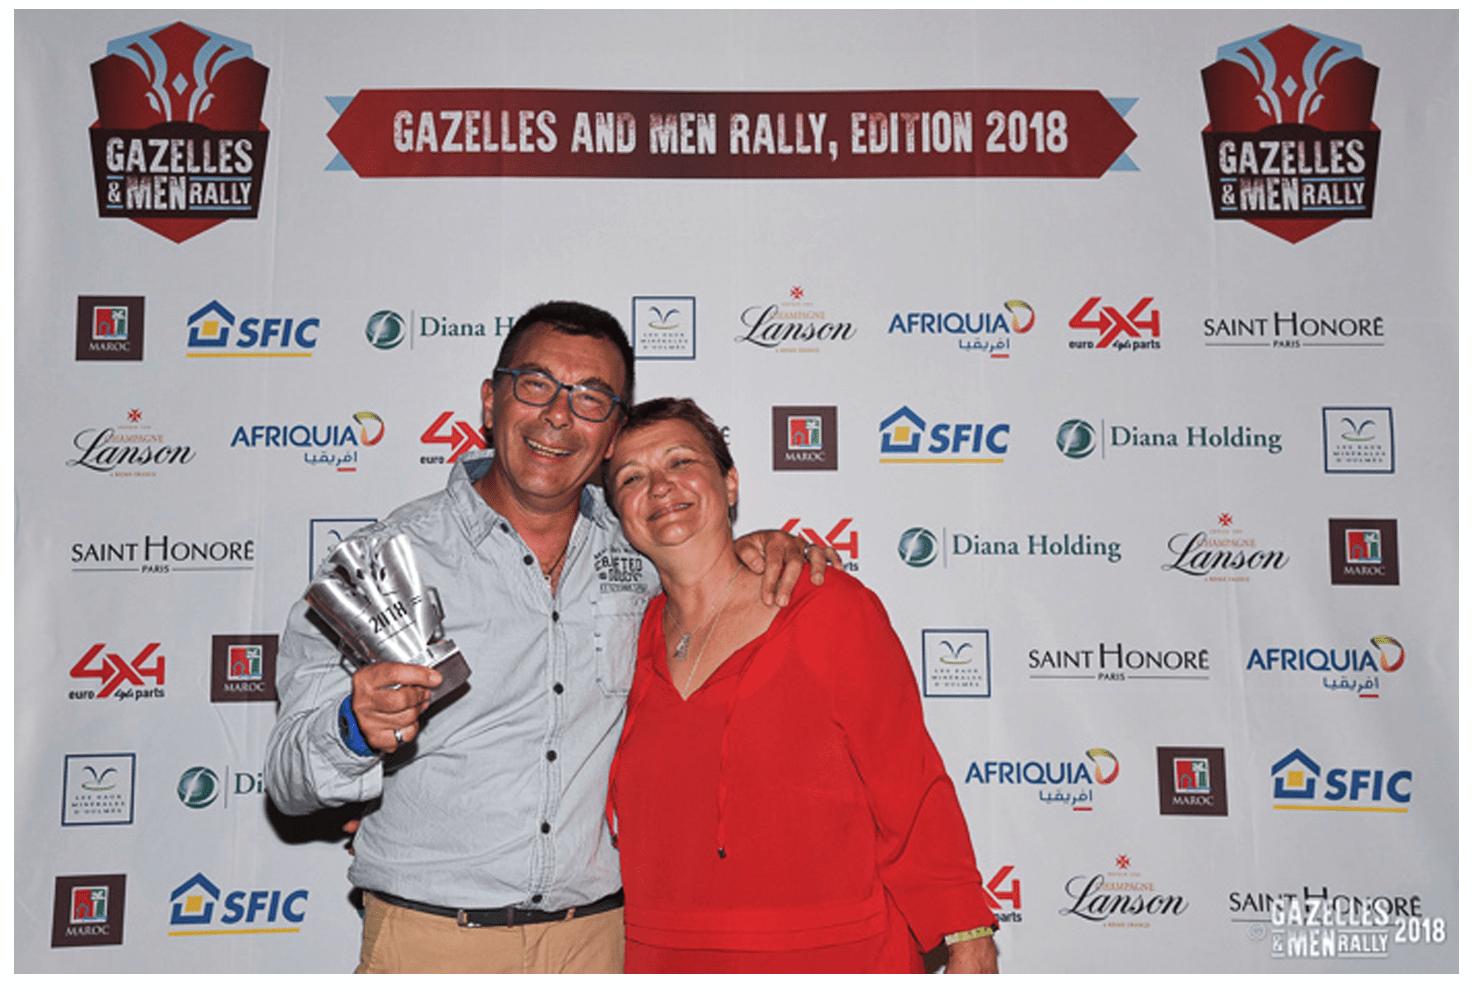 Gazelles and Men Rally 2018 - Remise des trophées à Marrakech.